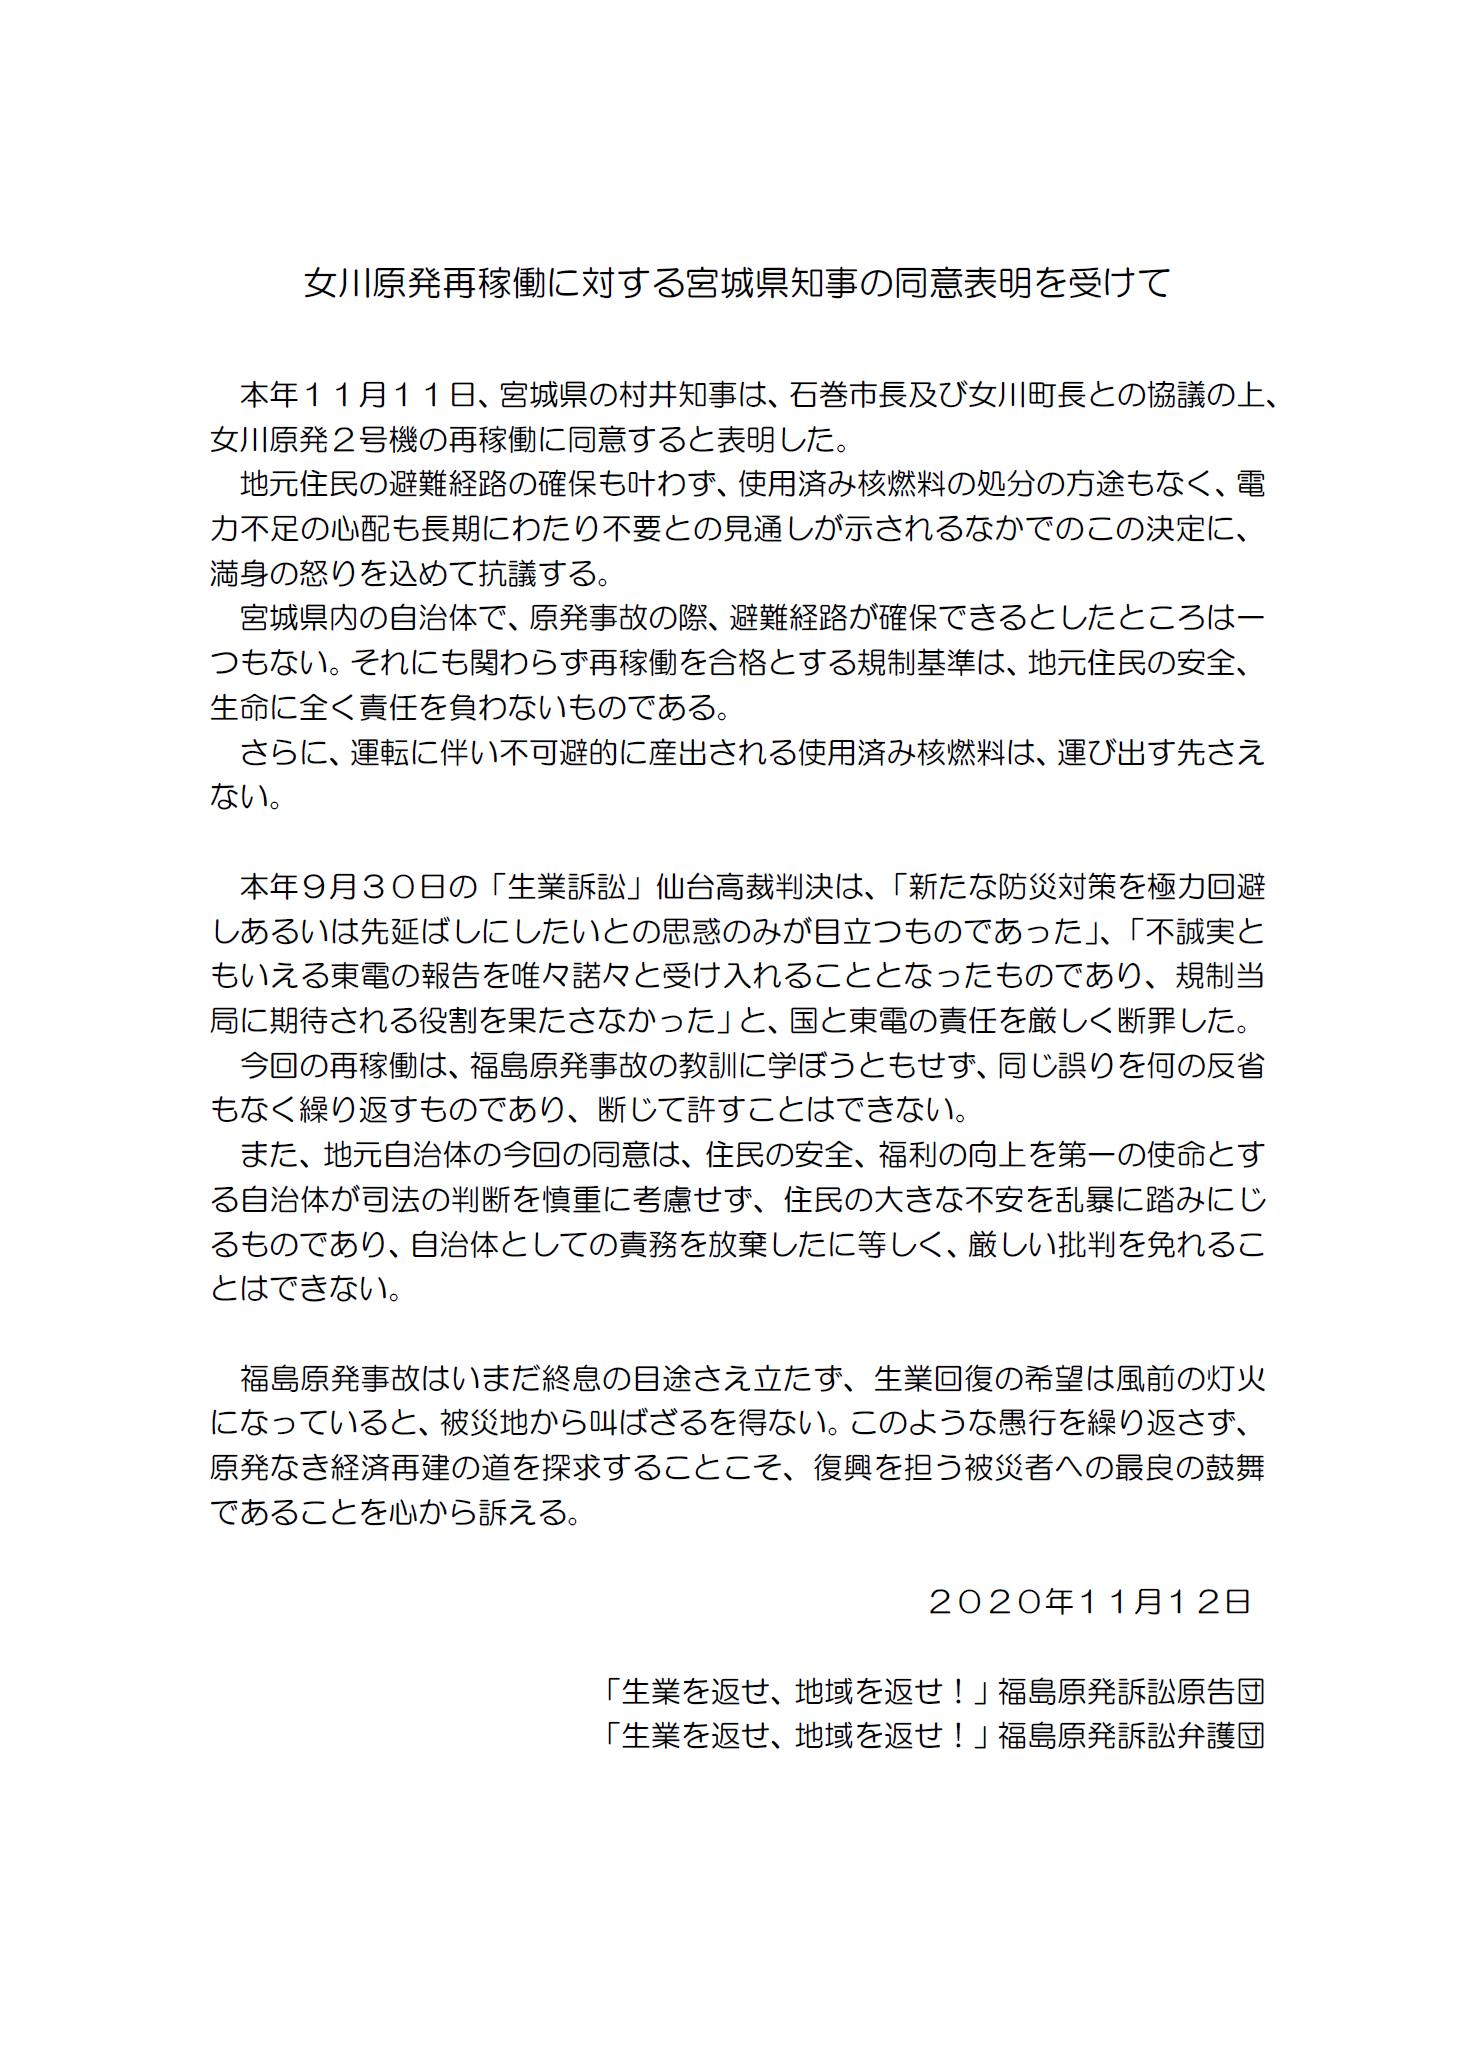 福島原発訴訟原告団・弁護団 声明